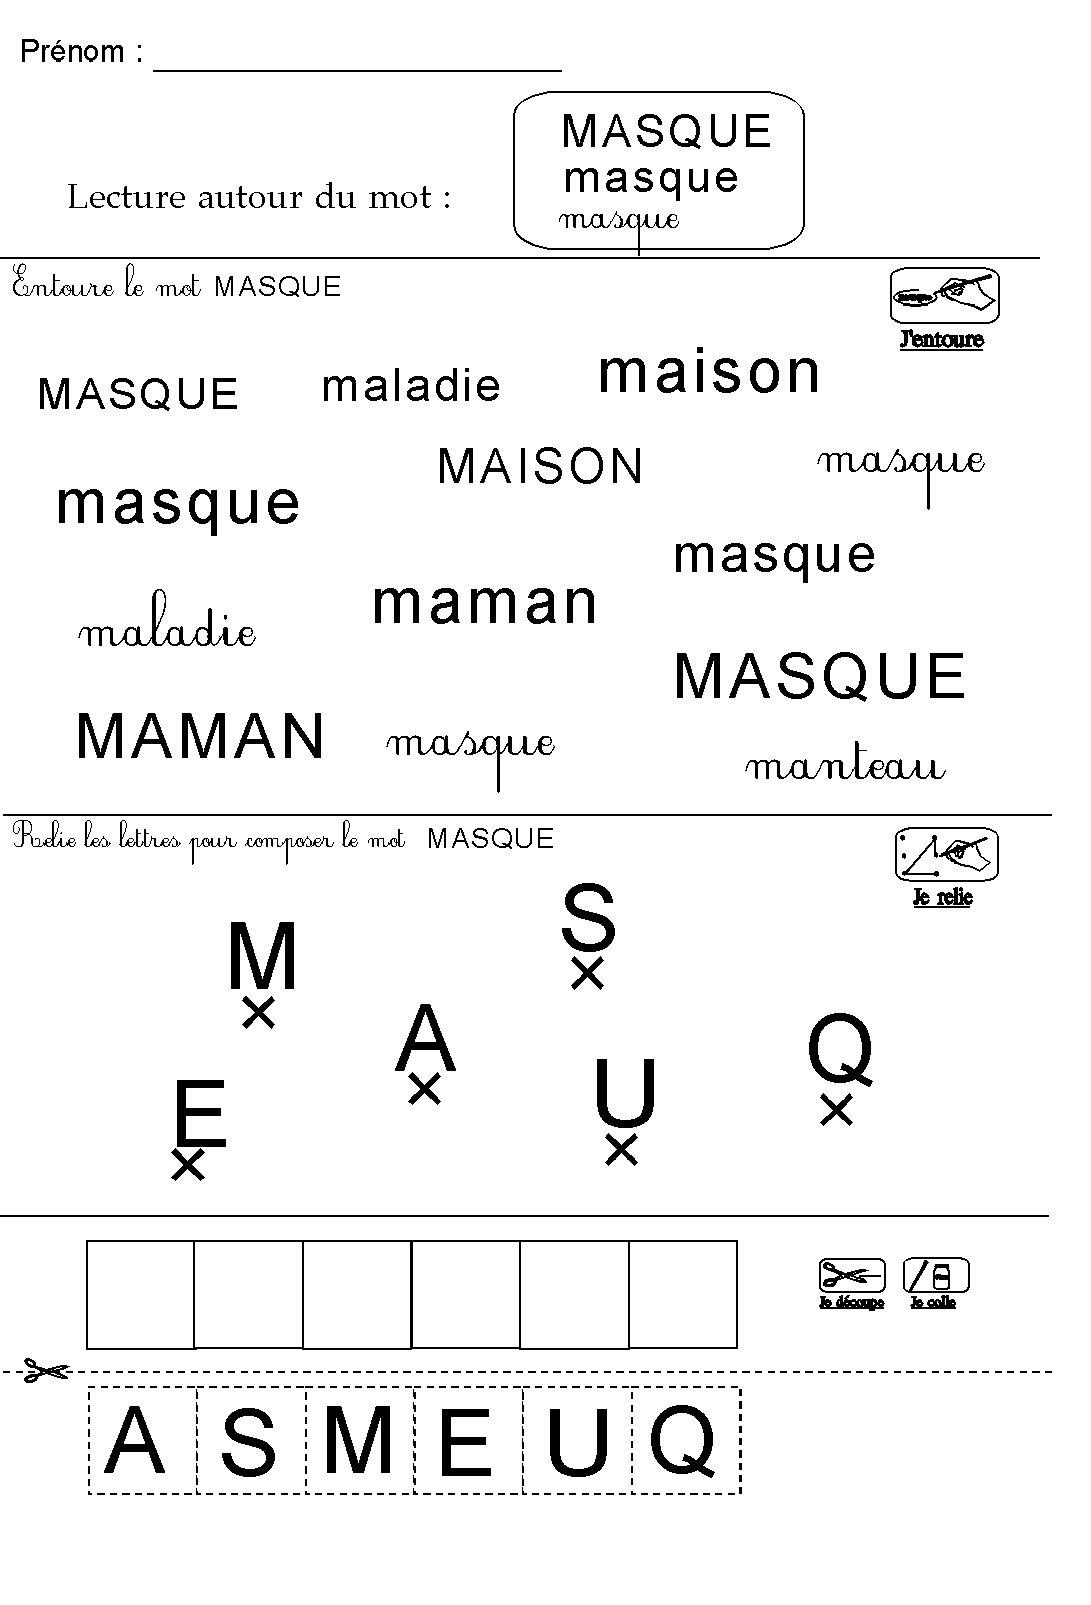 Fiche De Lecture Autour Du Thème De Carnaval En Maternelle Ms Gs encequiconcerne Masque Carnaval Maternelle À Imprimer